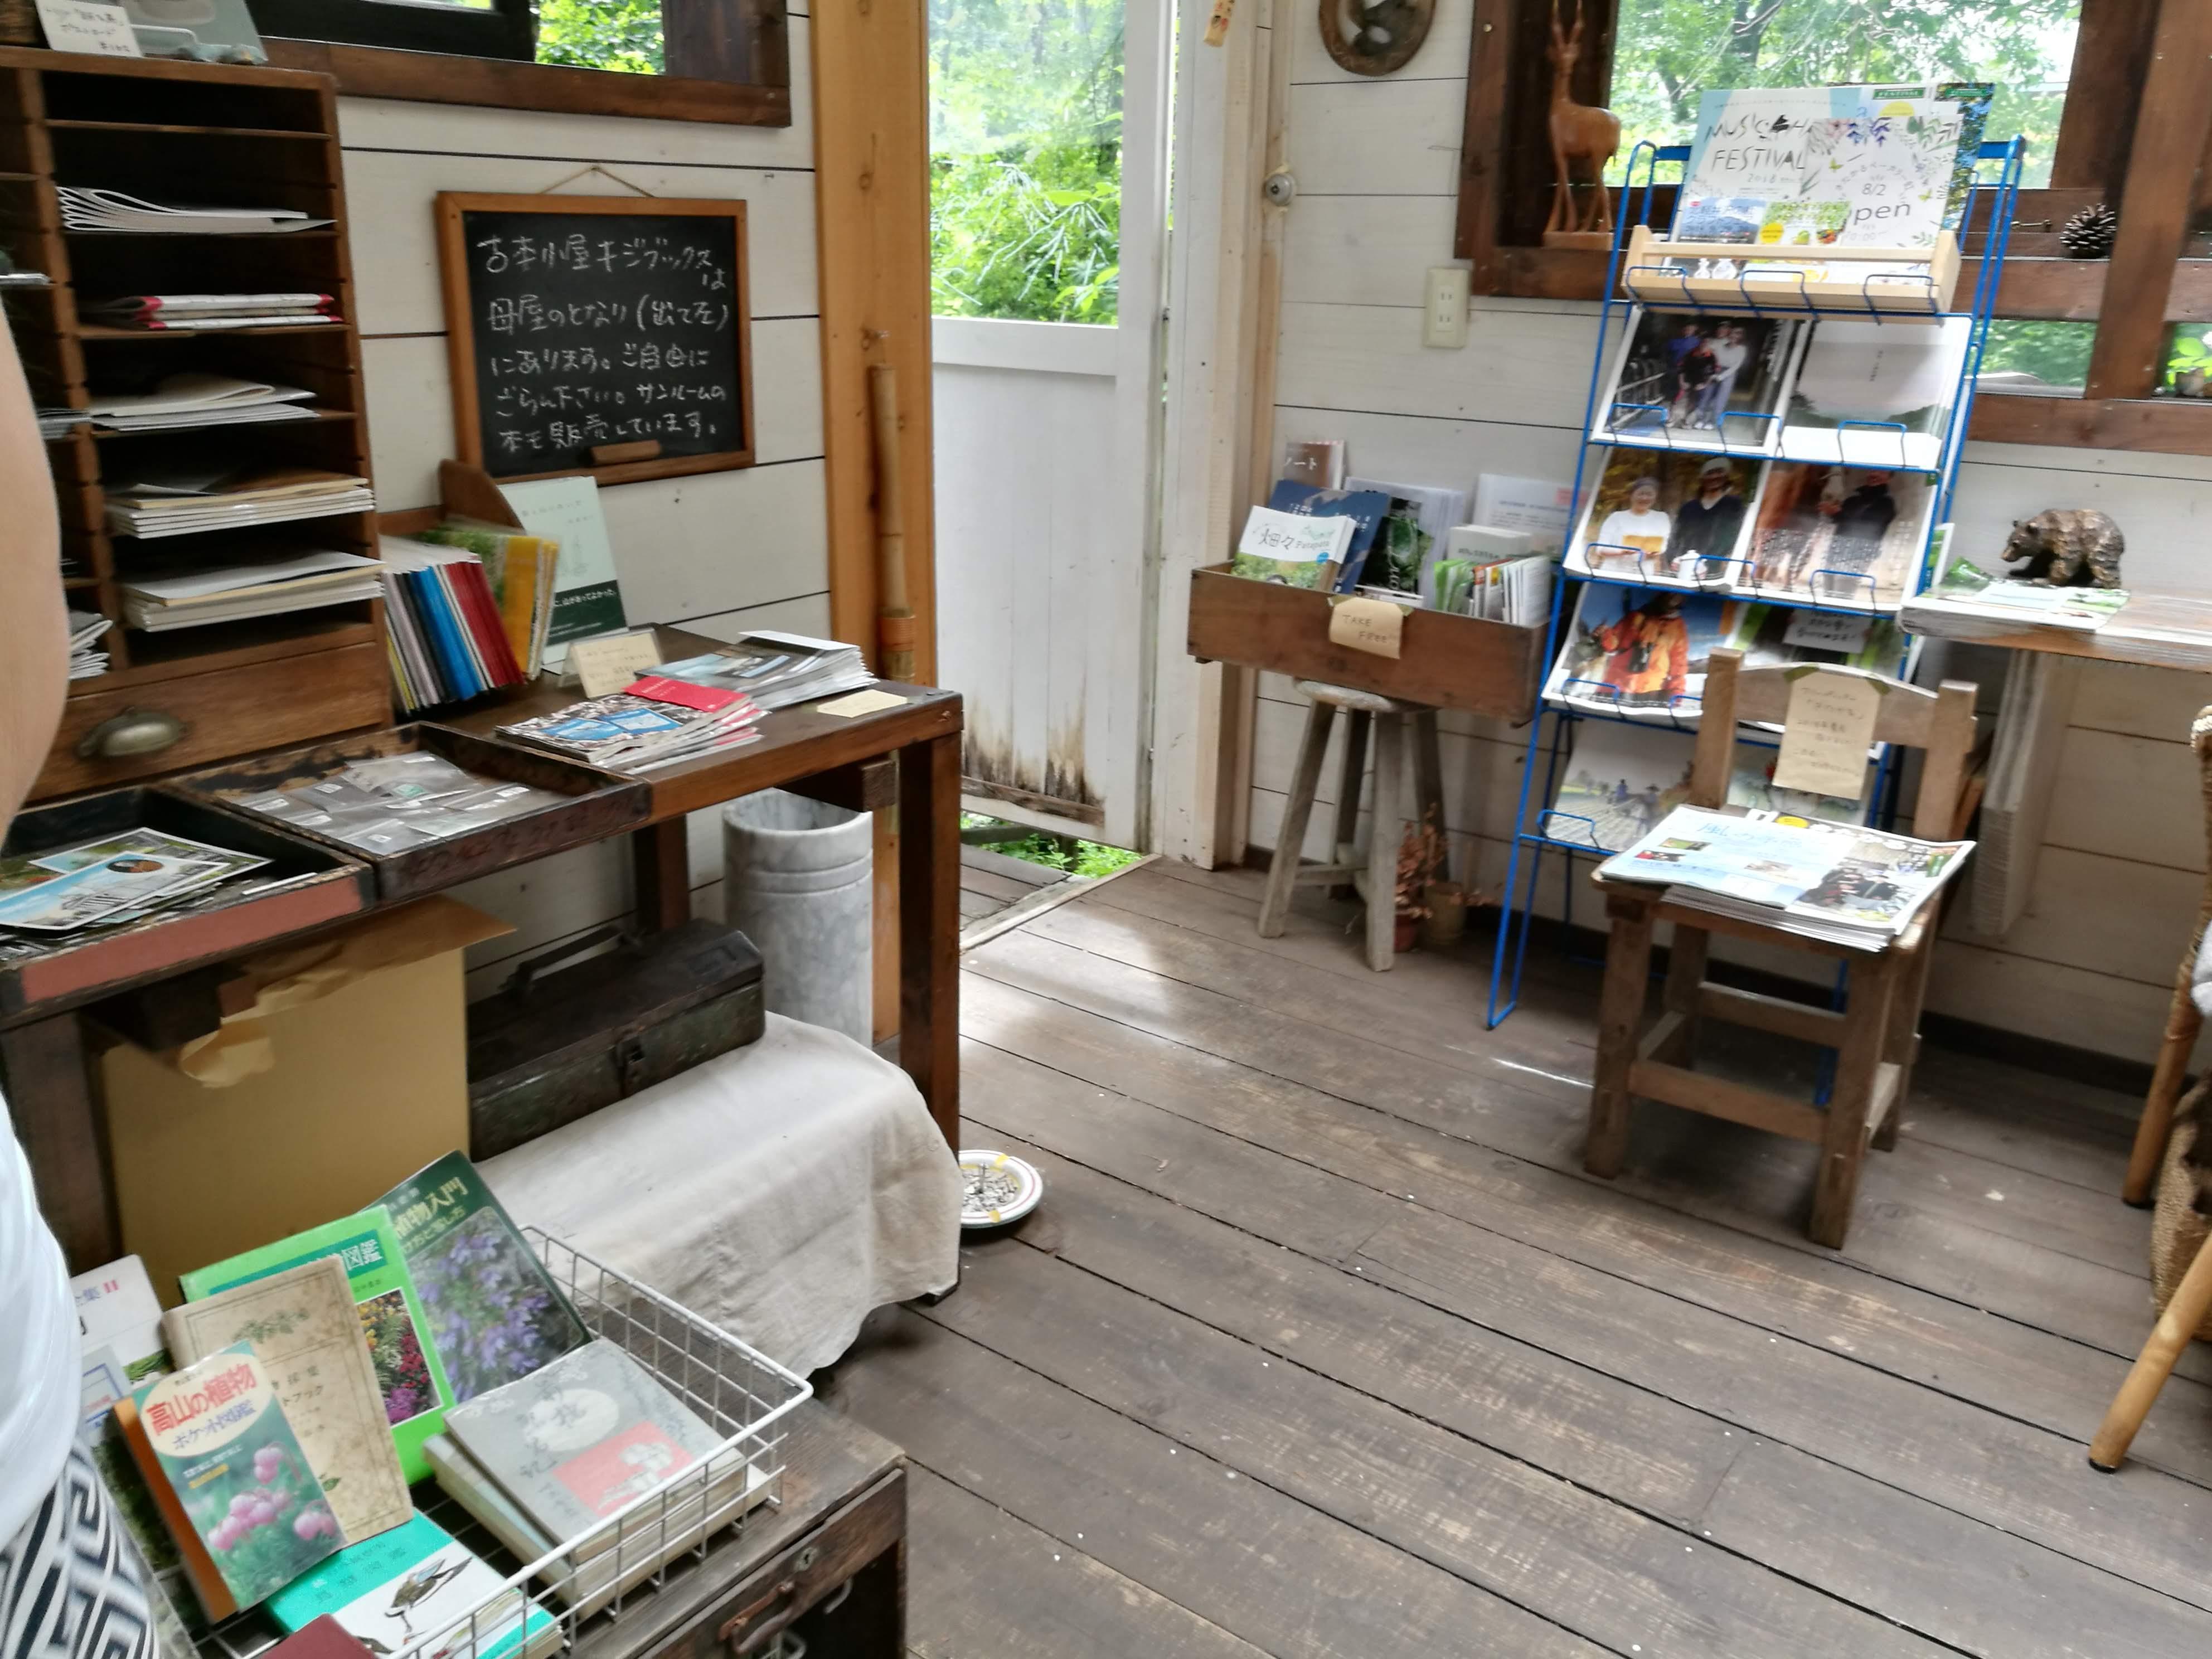 北軽井沢、おしゃれ、隠れ家カフェ、本とコーヒー、麦小舎&キジブックス